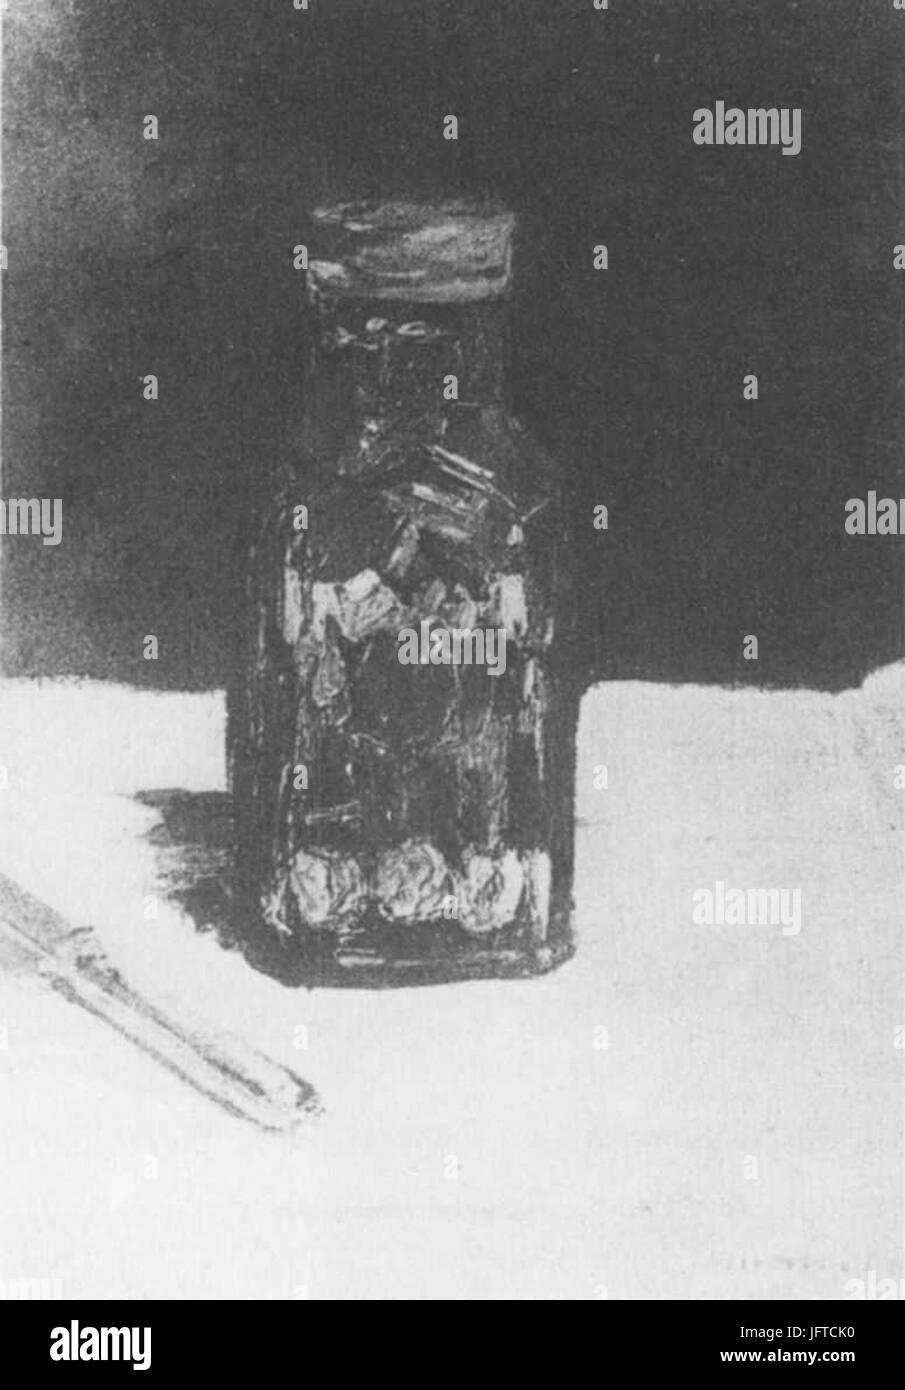 Édouard Manet - Nature morte, bocal de condiments (RW 350) - Stock Image